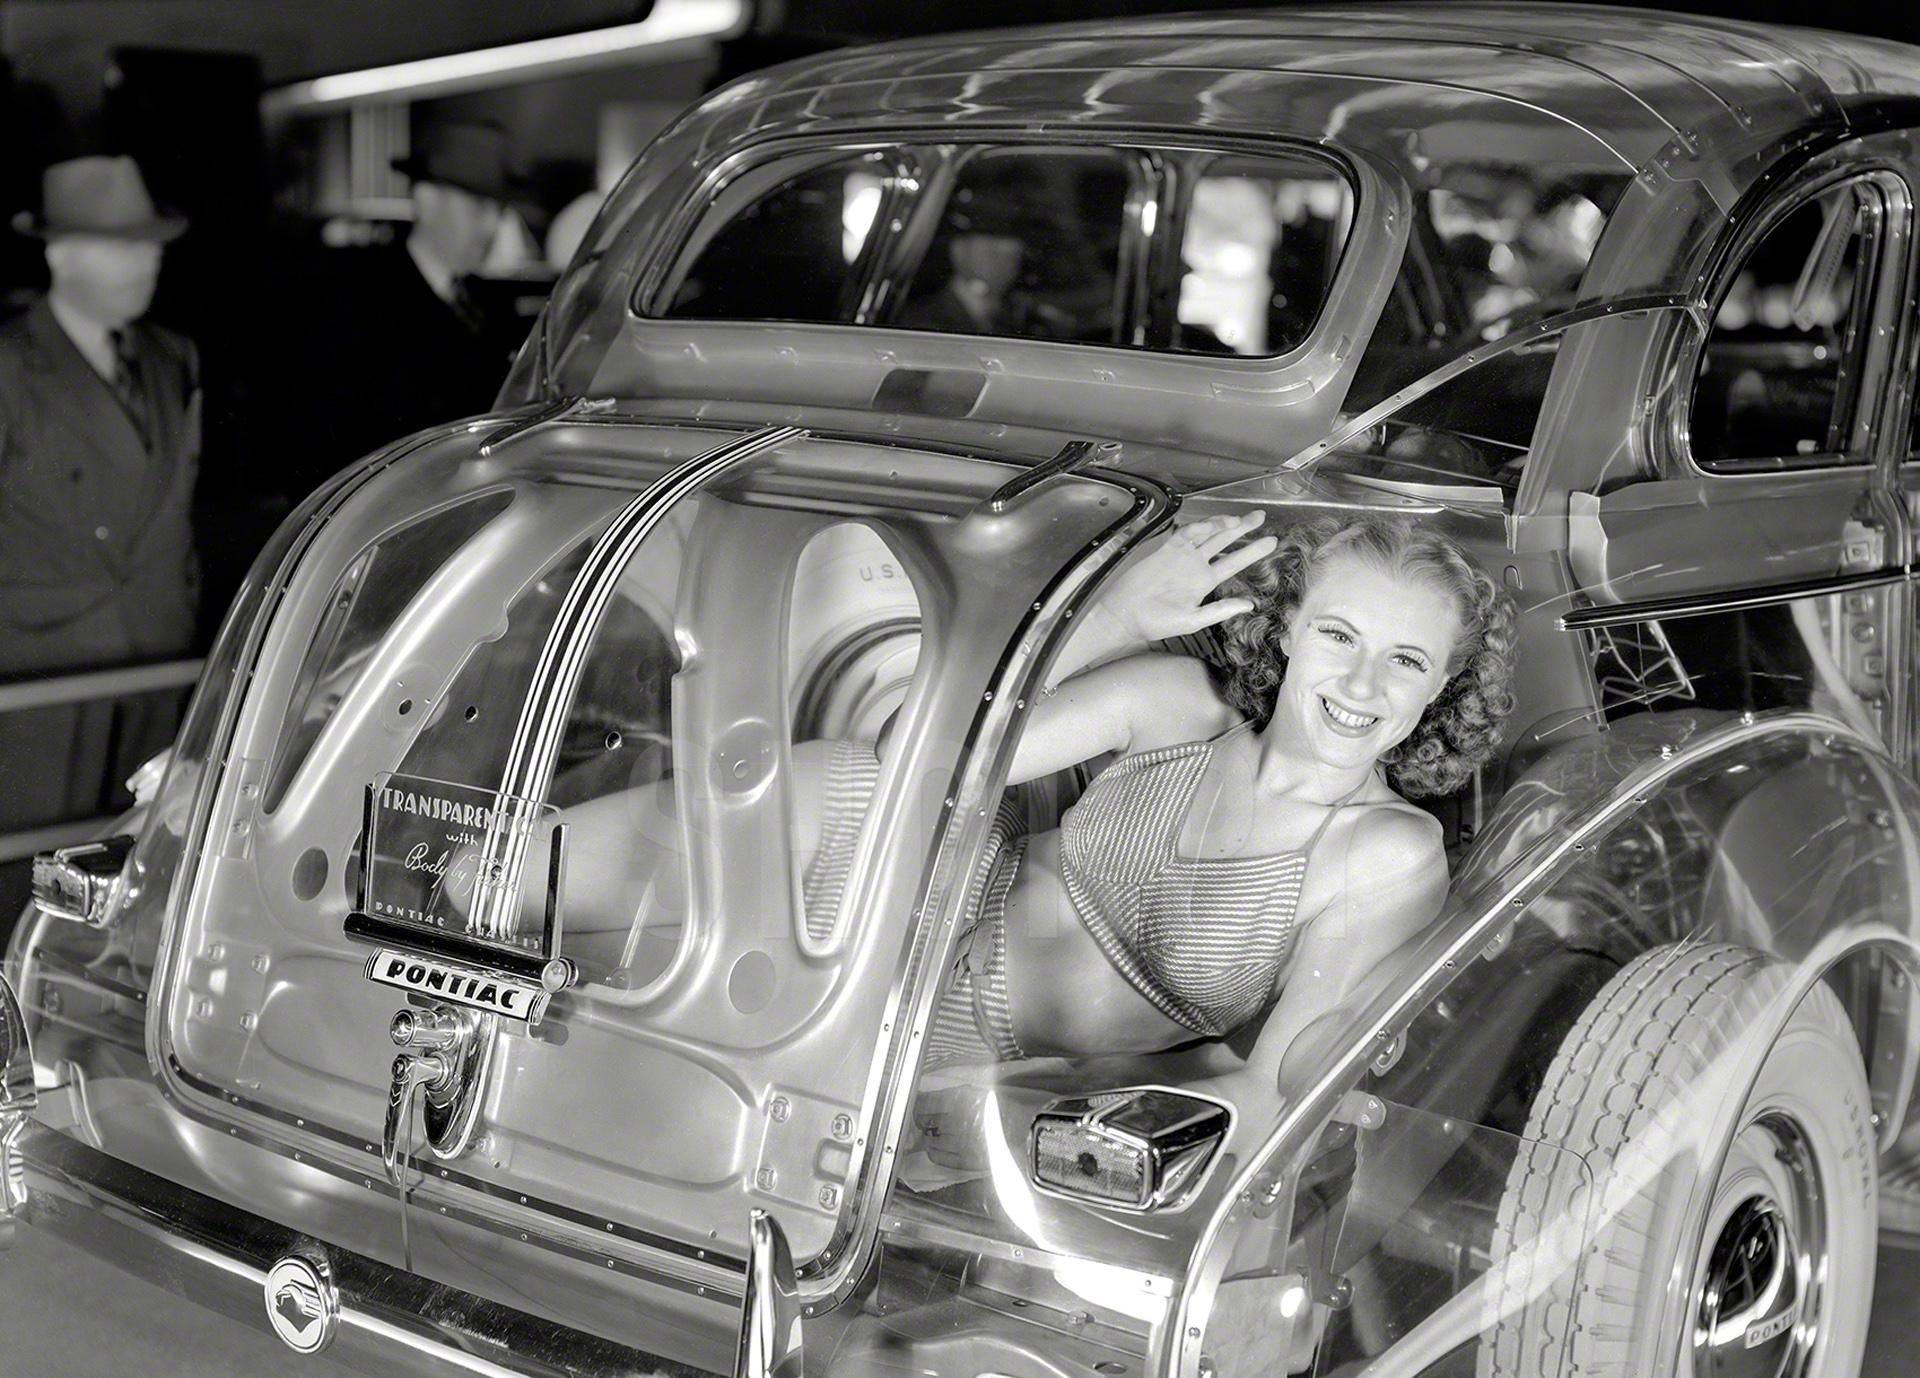 Fue exhibido por primera vez en la Feria Mundial de Nueva York de 1940 y luego recorrió exposiciones de General Motors